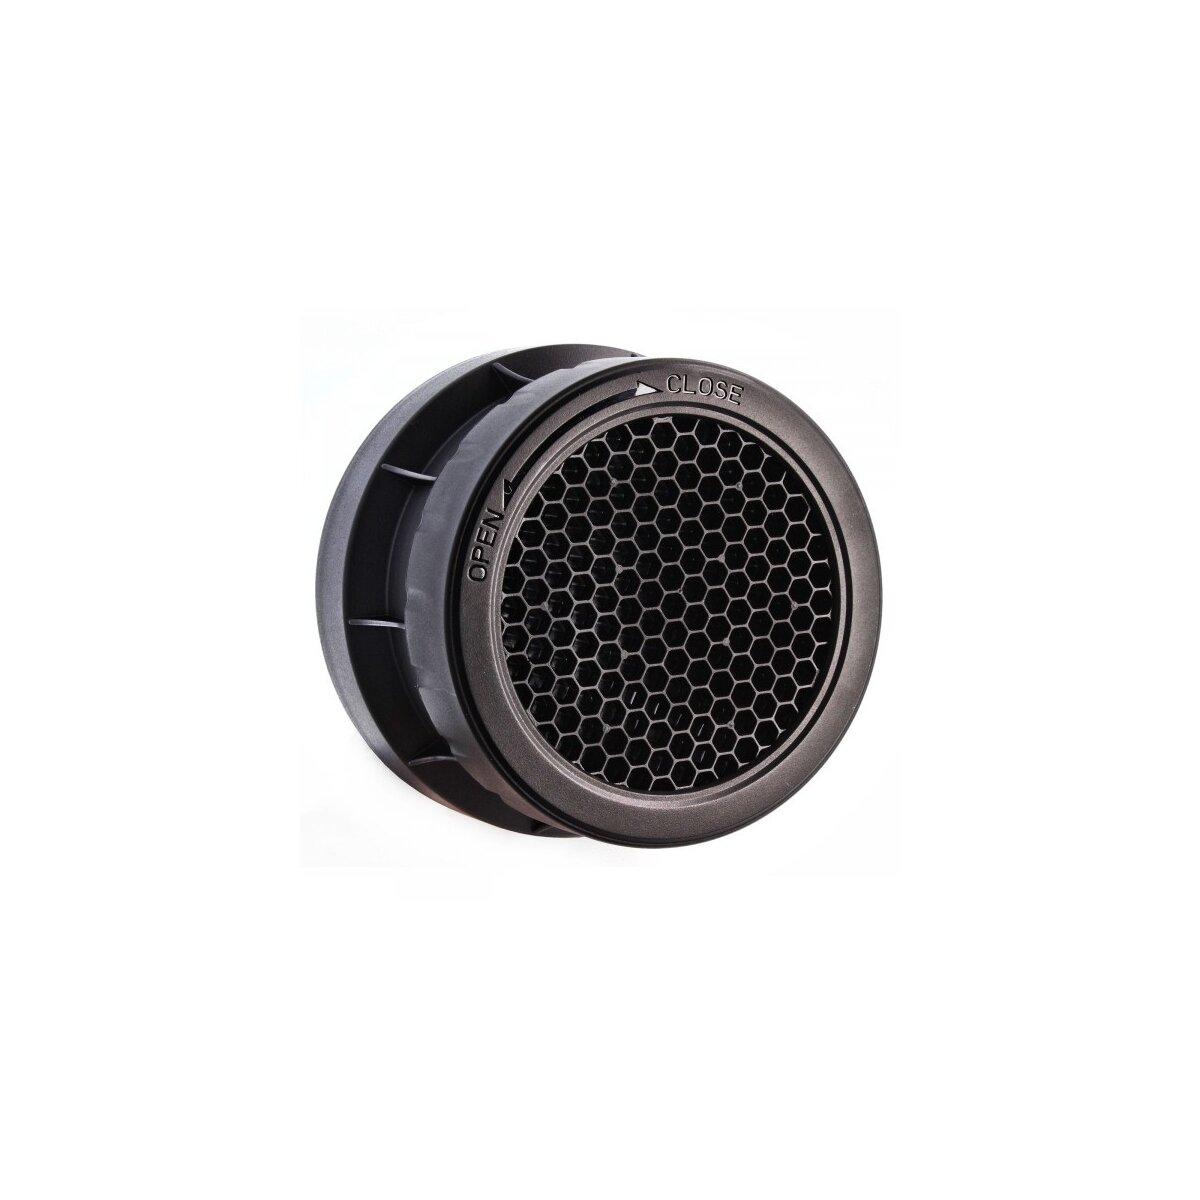 JJC Aufsteck Wabenaufsatz (Wabe, Wabenvorsatz, Lichtformer) kompatibel mit Nikon SB 900 / SB 910